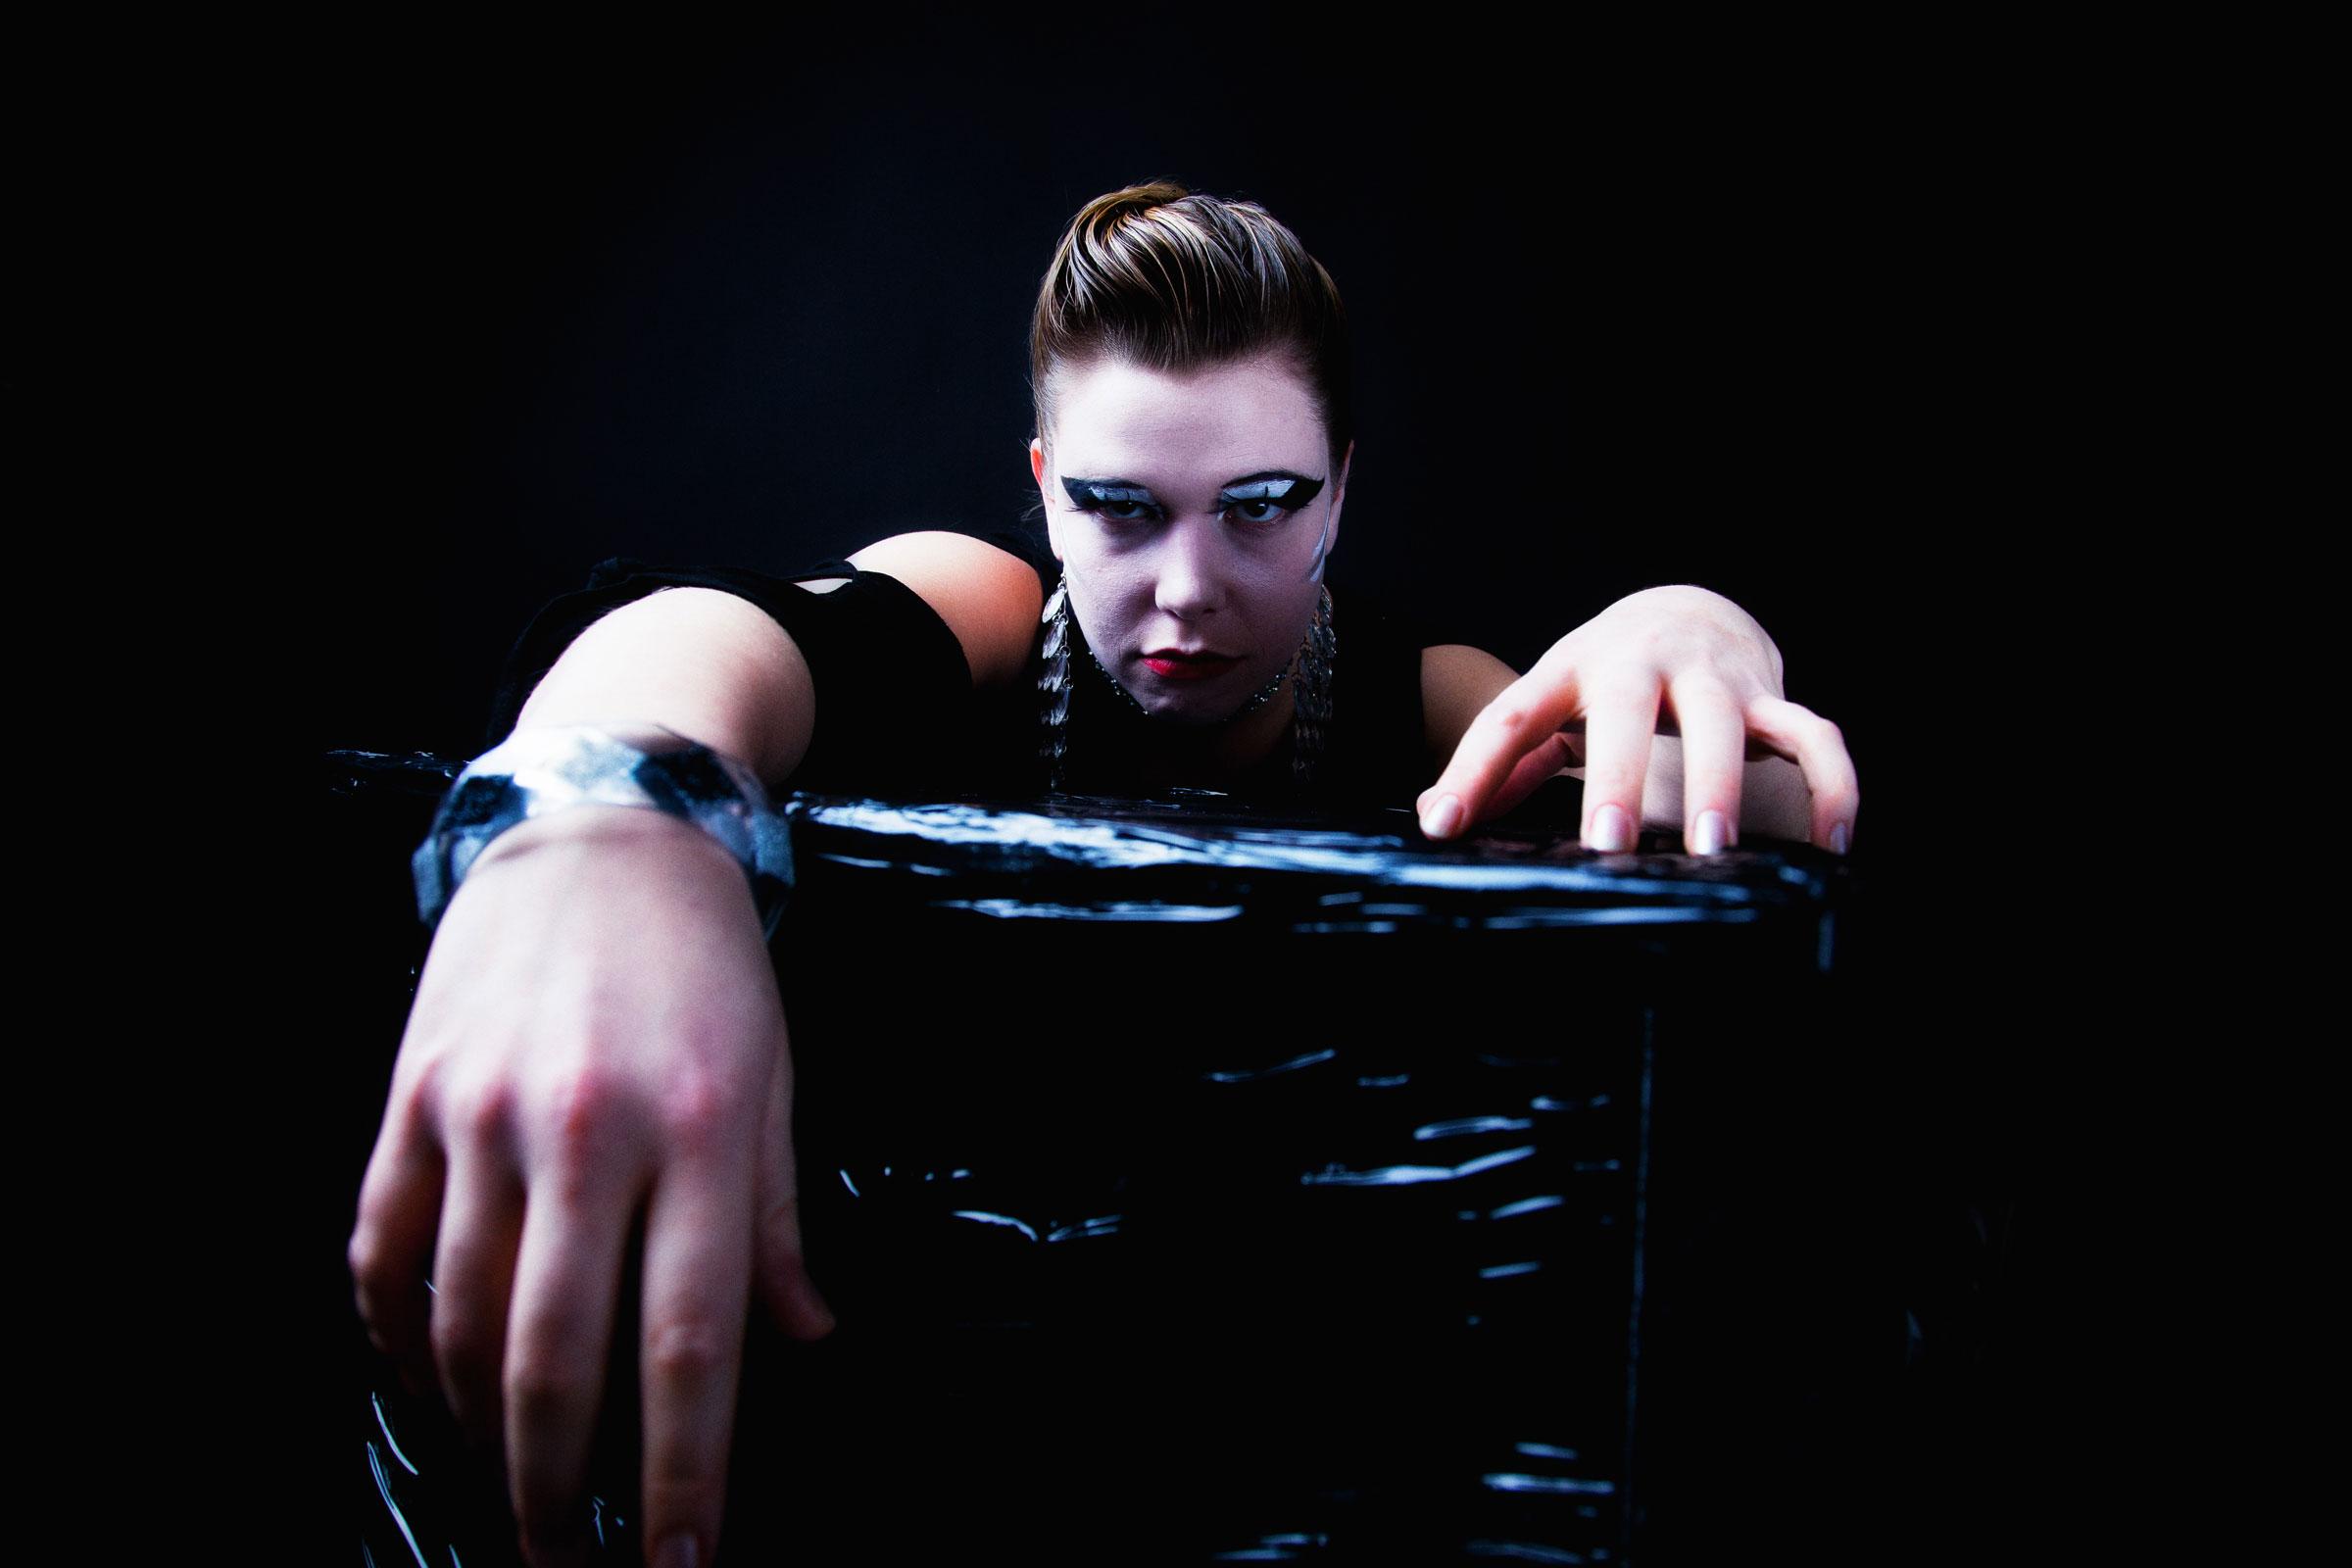 Portret dark glamour 7 door Juri Hiensch